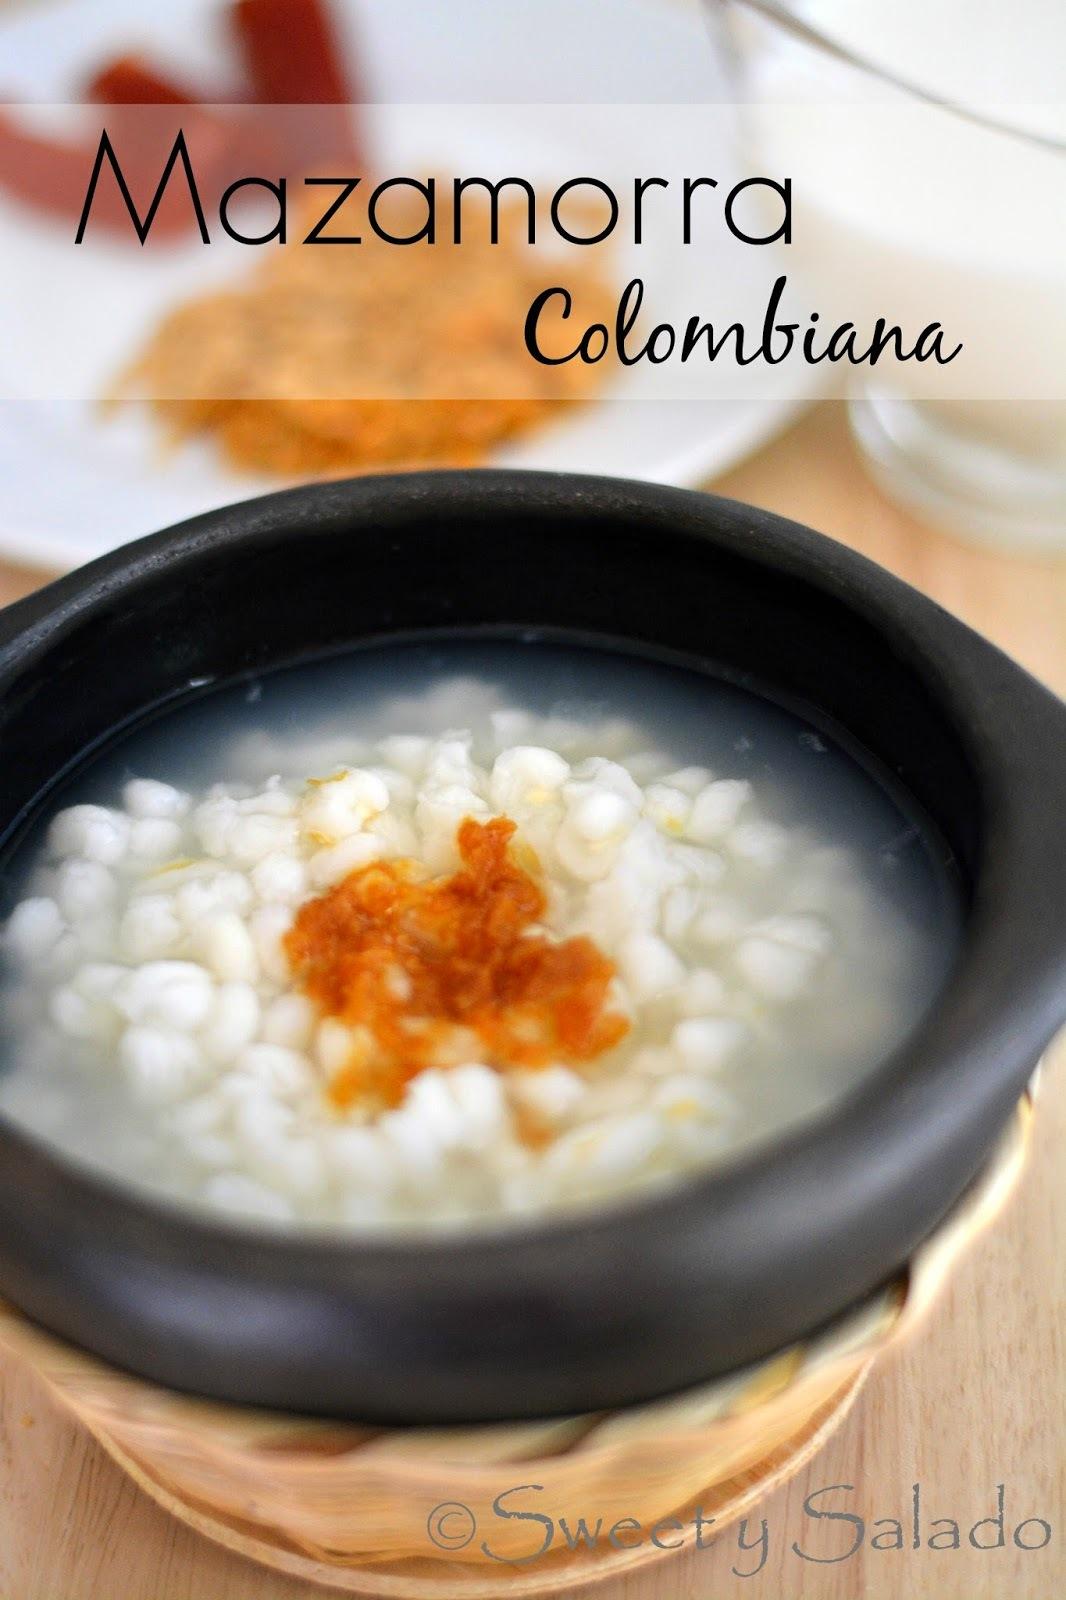 Mazamorra Colombiana